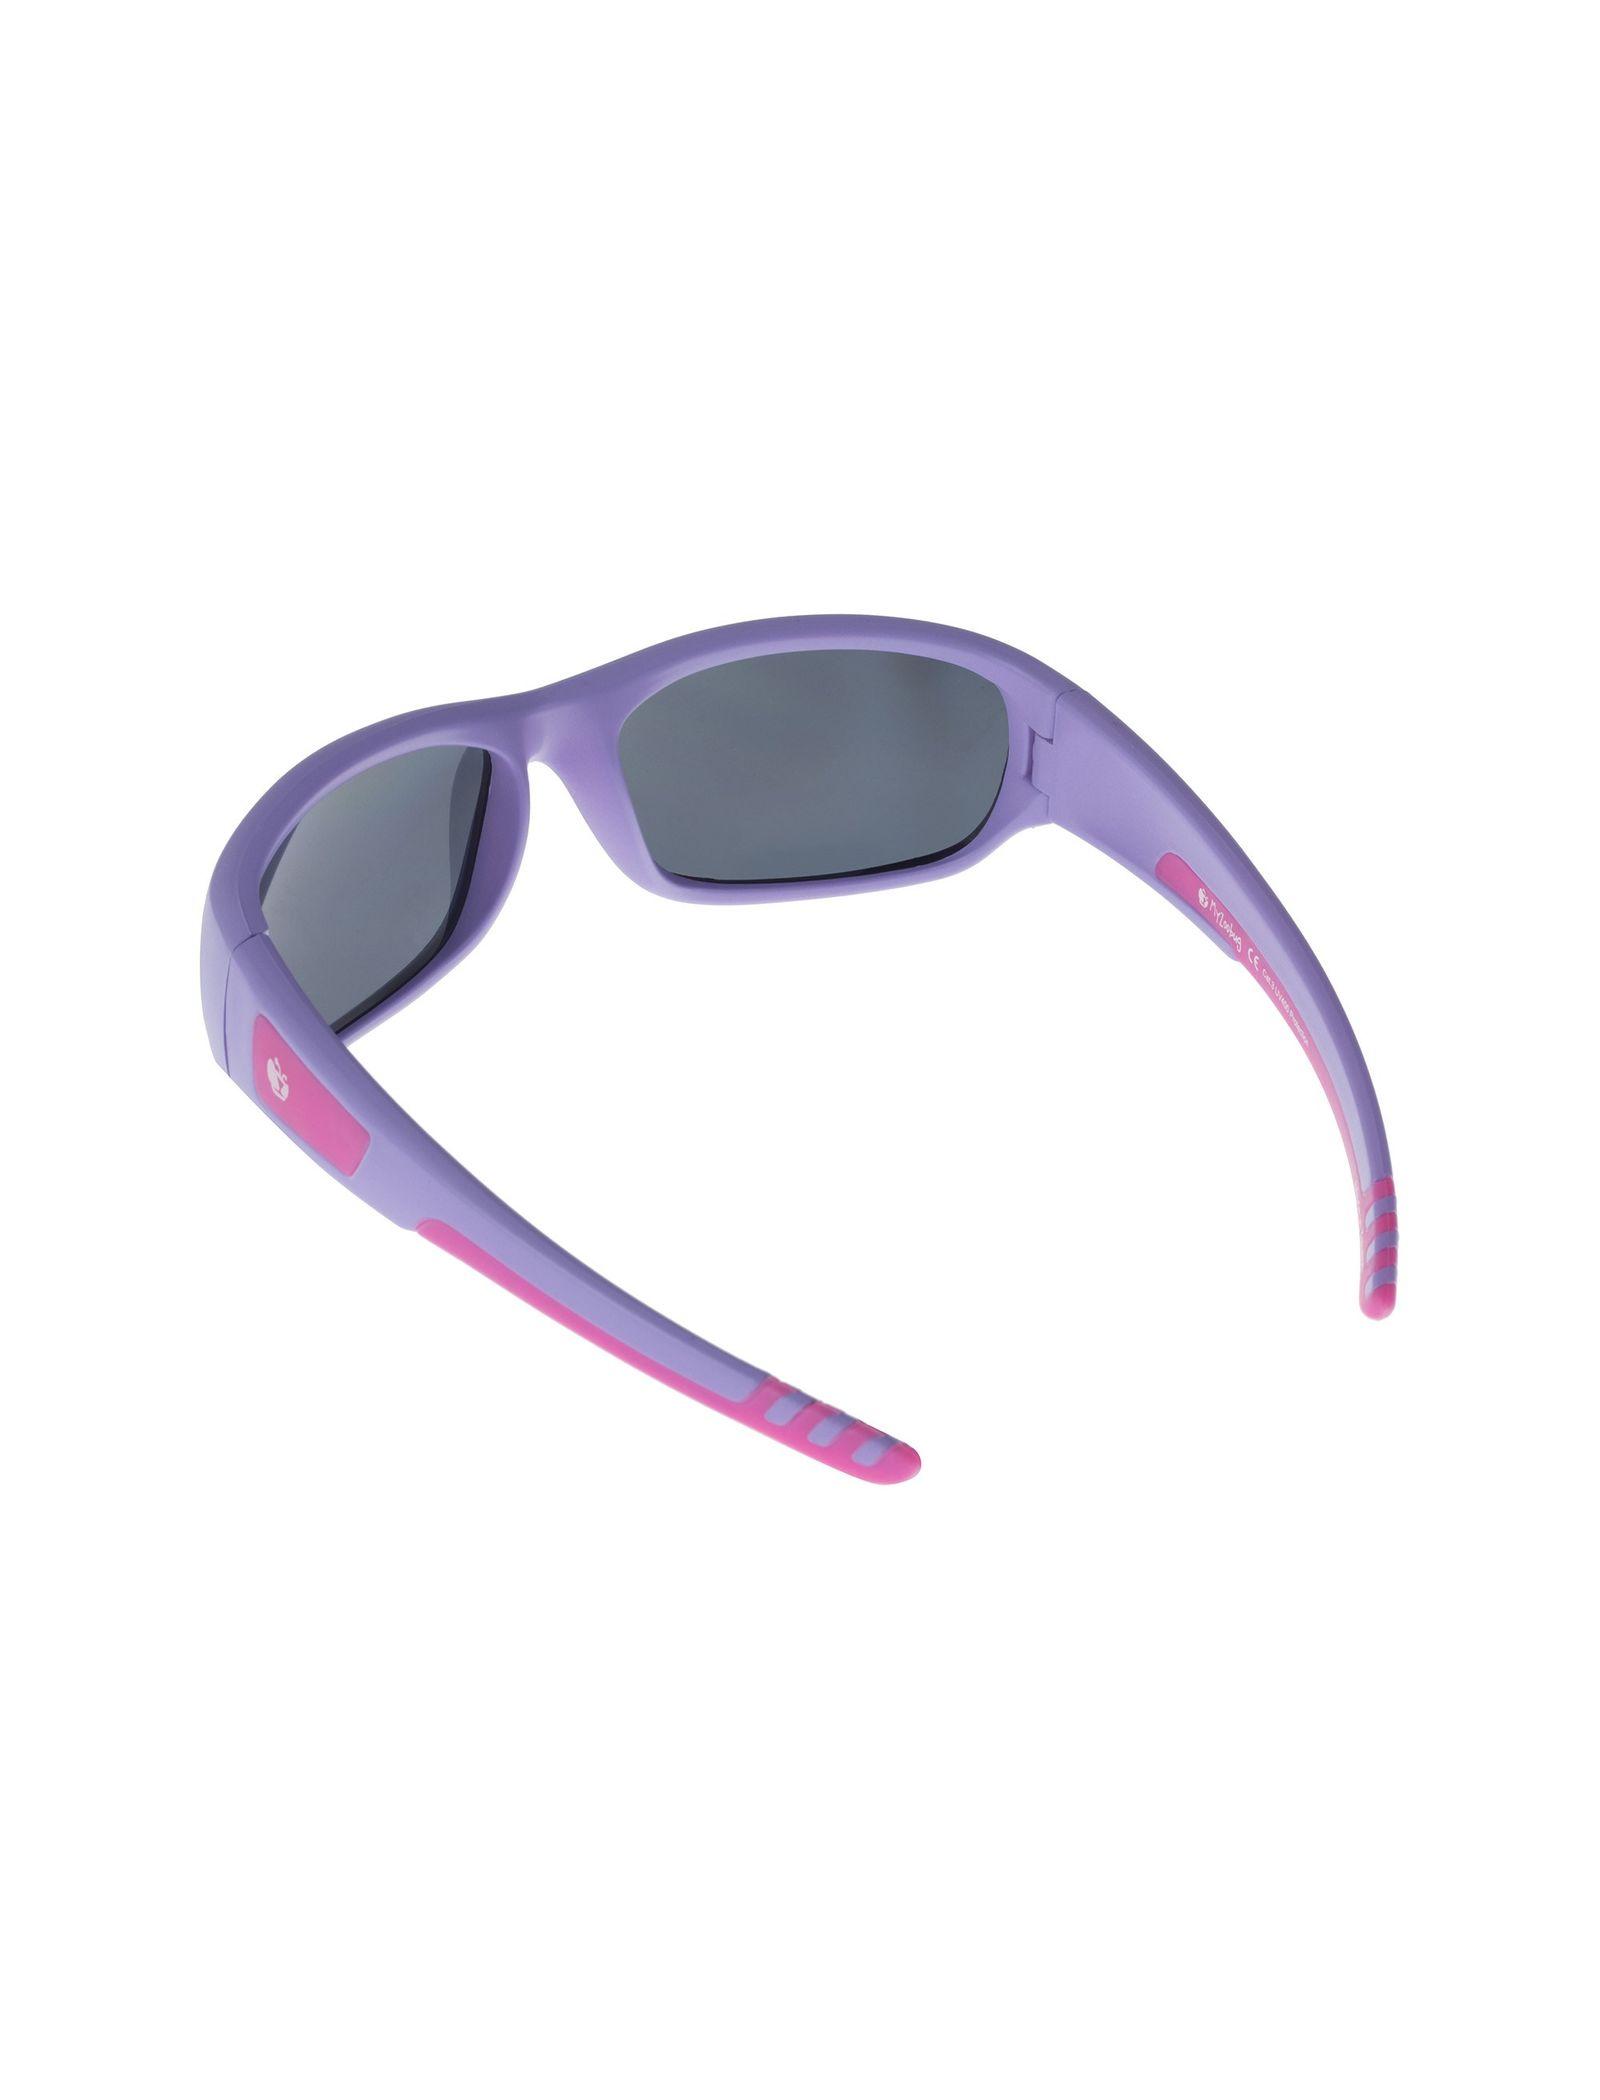 عینک آفتابی کمربندی بچگانه - زوباگ - بنفش - 4